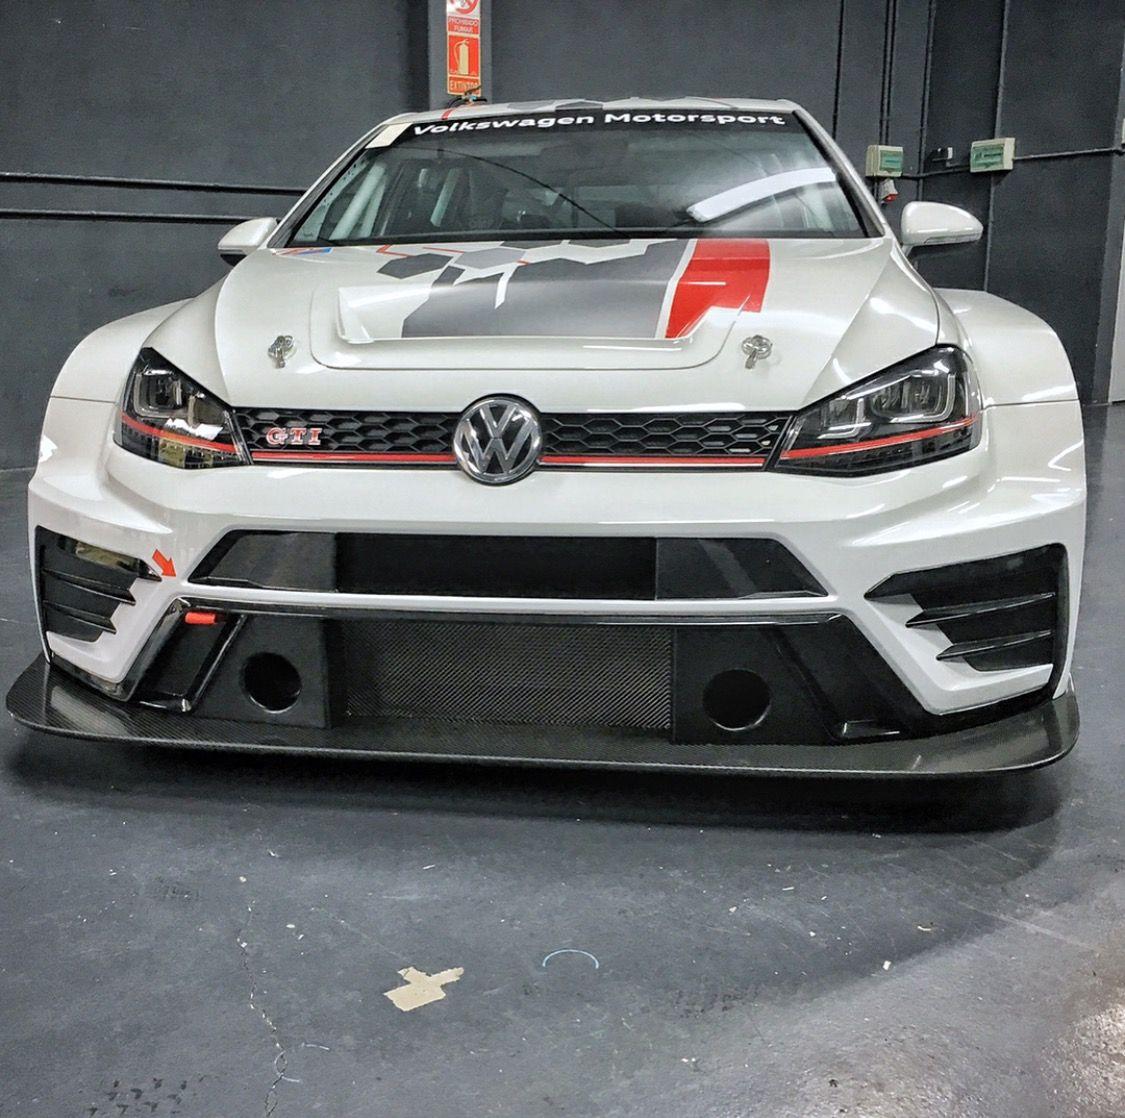 Gti Tcr Volkswagen Polo Gti Polo Gti Volkswagen Golf Gti